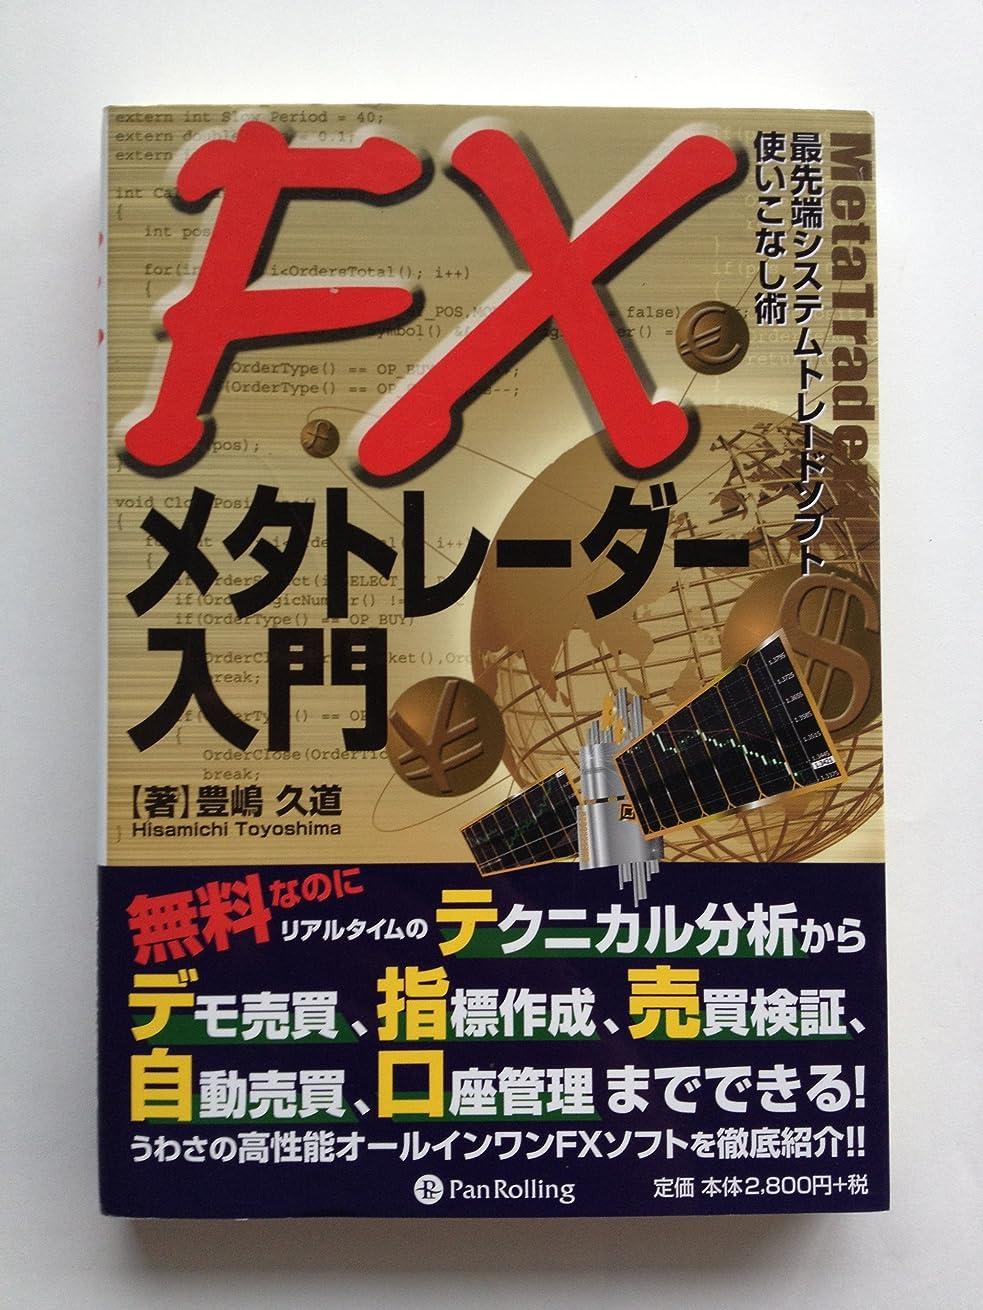 ベギンメルボルン確かめるFXメタトレーダー入門―最先端システムトレードソフト使いこなし術 (現代の錬金術師シリーズ 56)